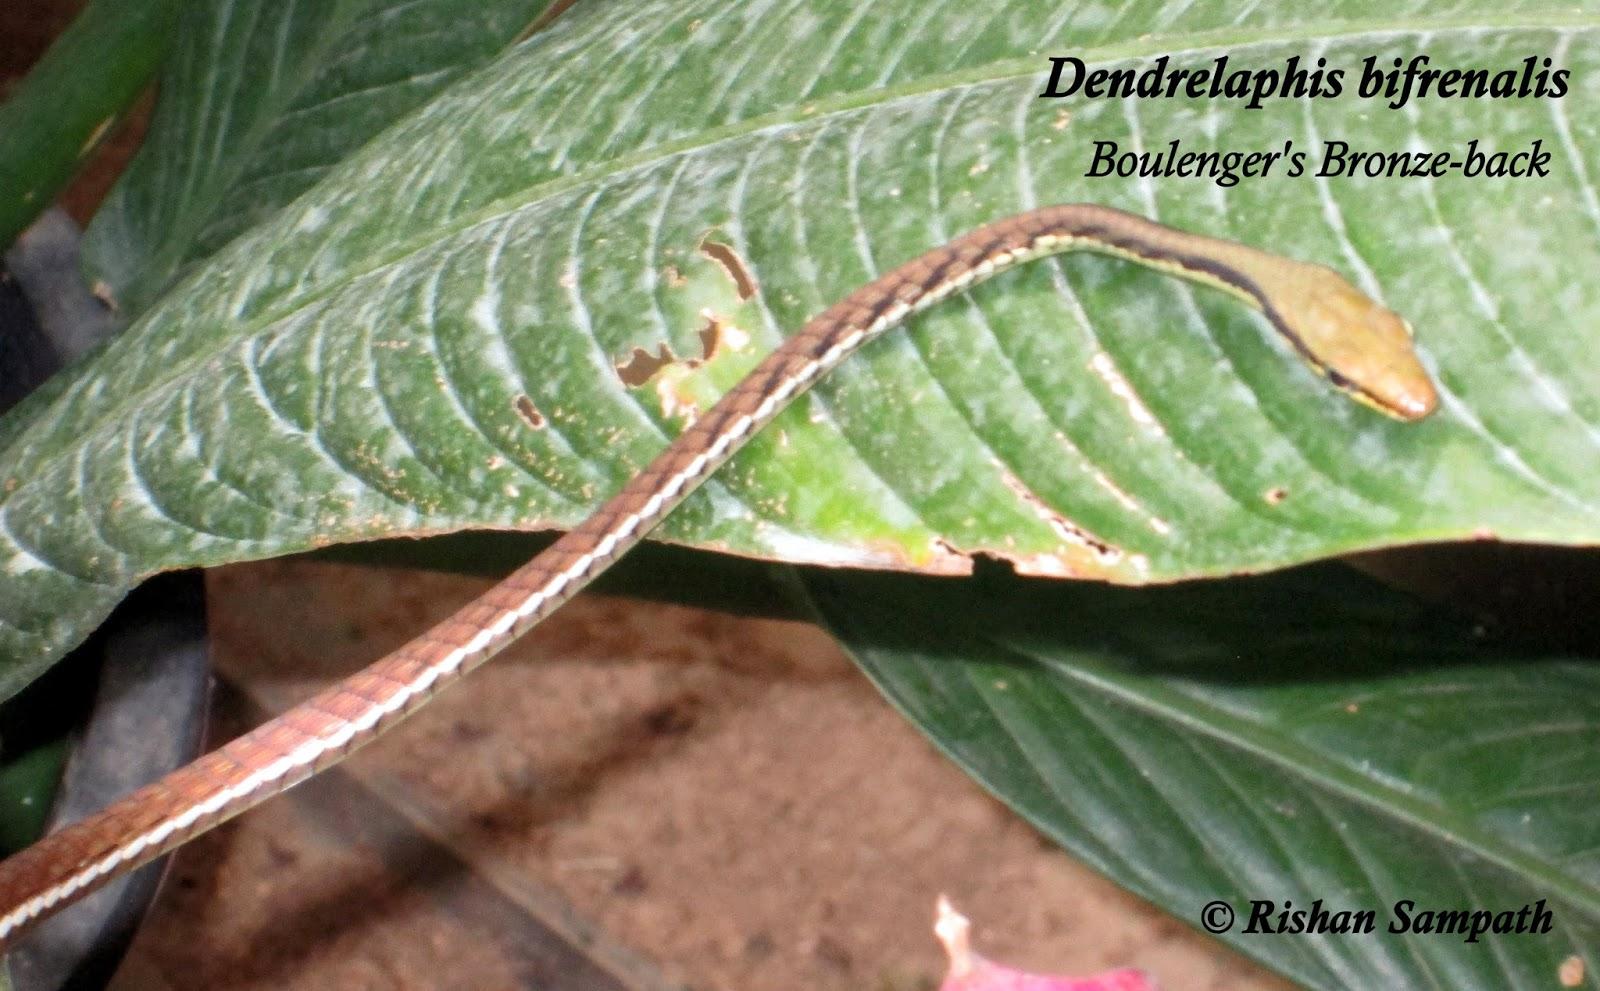 පදුරු හාල්දන්ඩා Dendrelaphis bifrenalis